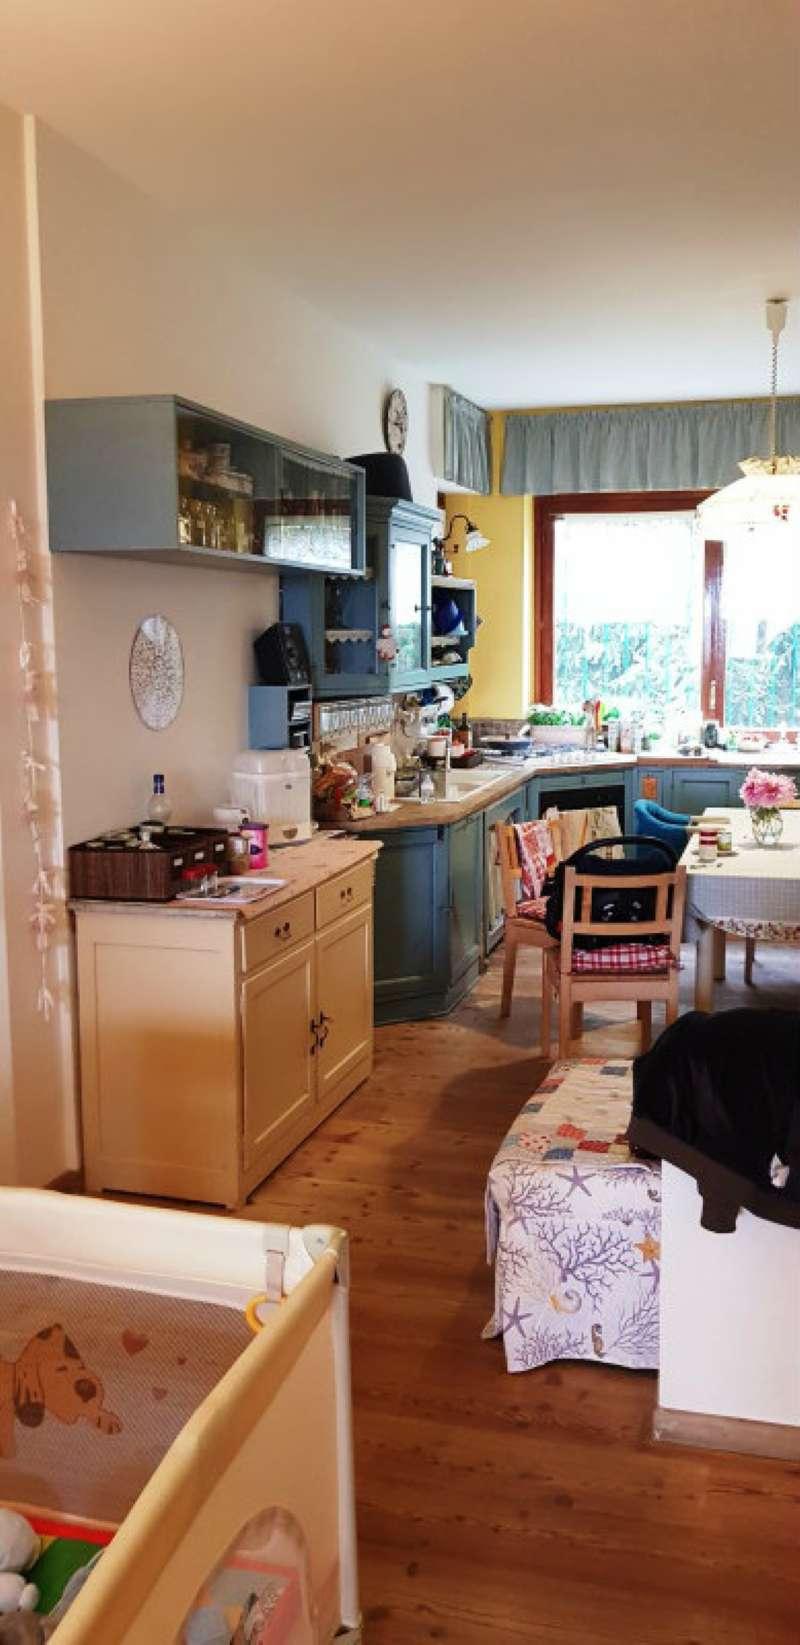 Foto 26 di Appartamento via SERVAIS 200 A 39, Torino (zona Parella, Pozzo Strada)